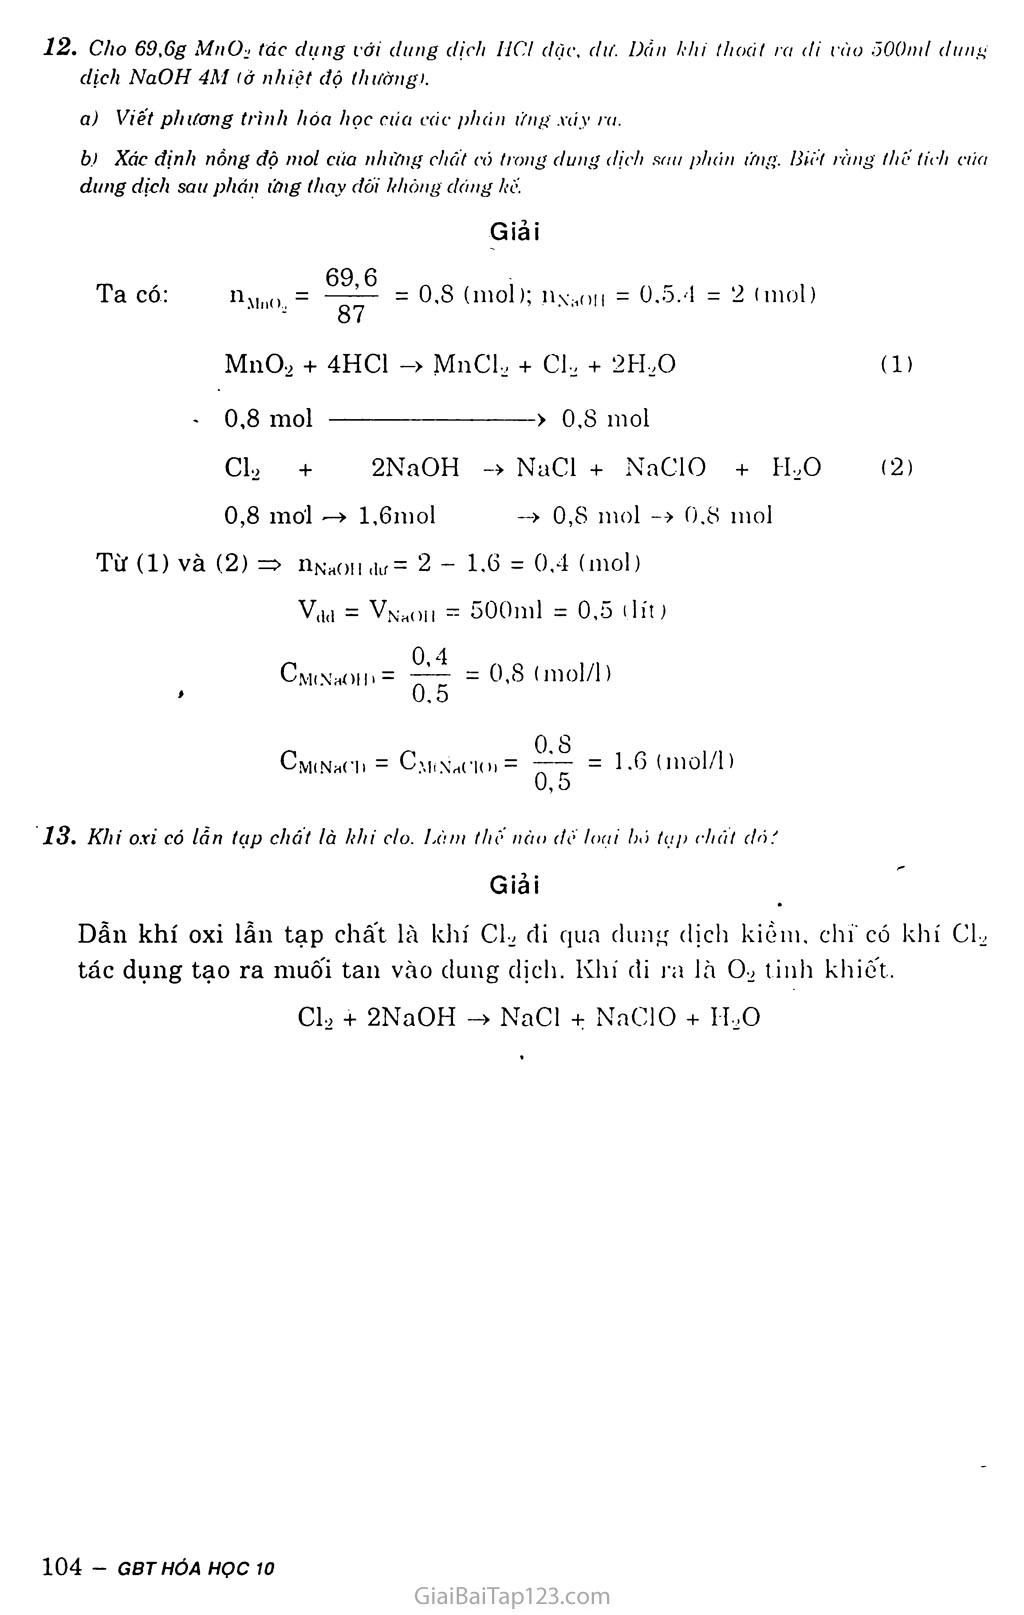 Bài 26: Luyện tập: Nhóm halogen trang 7